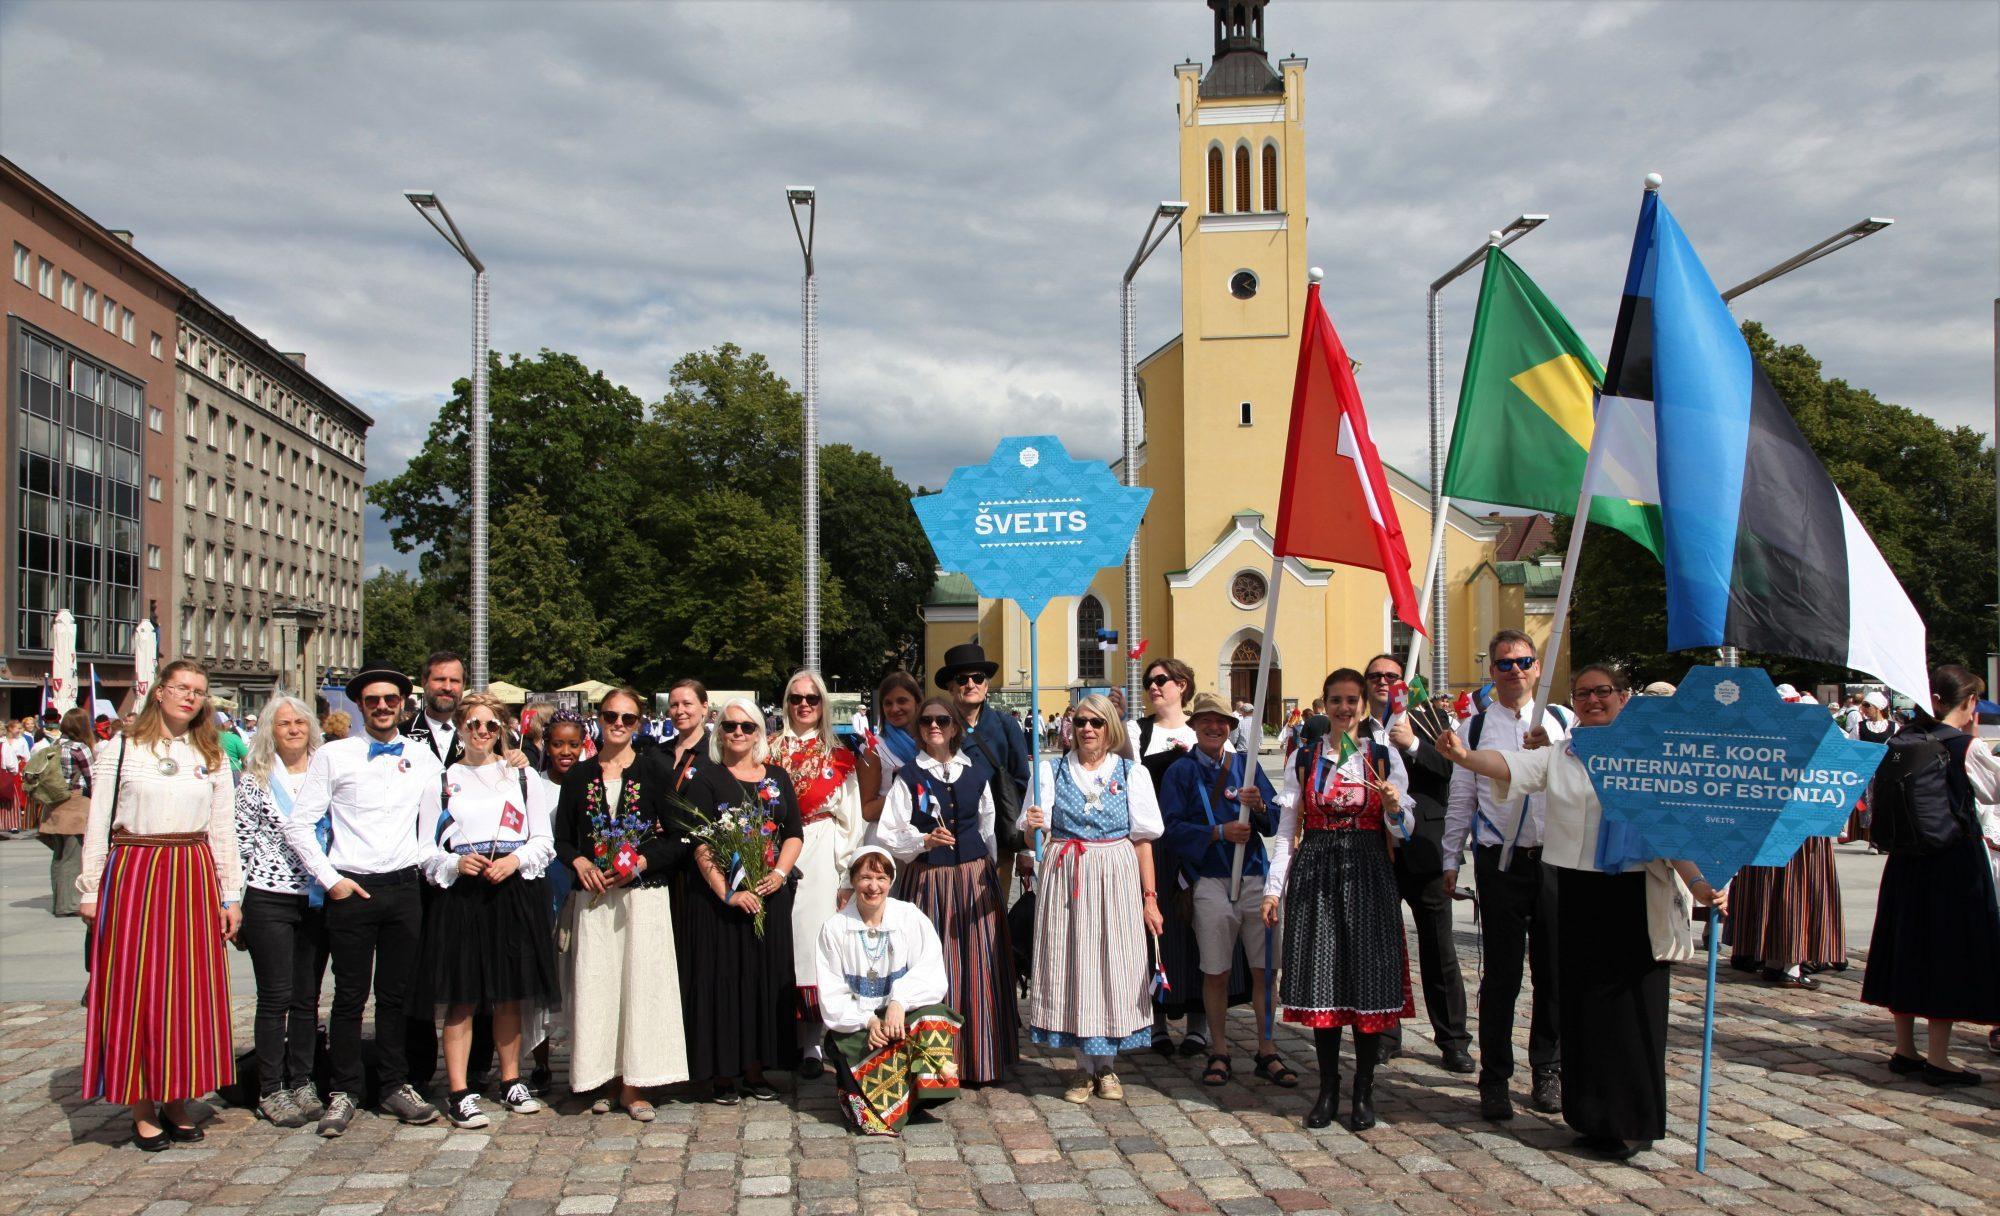 I.M.E. koor - Eesti koor Šveitsis